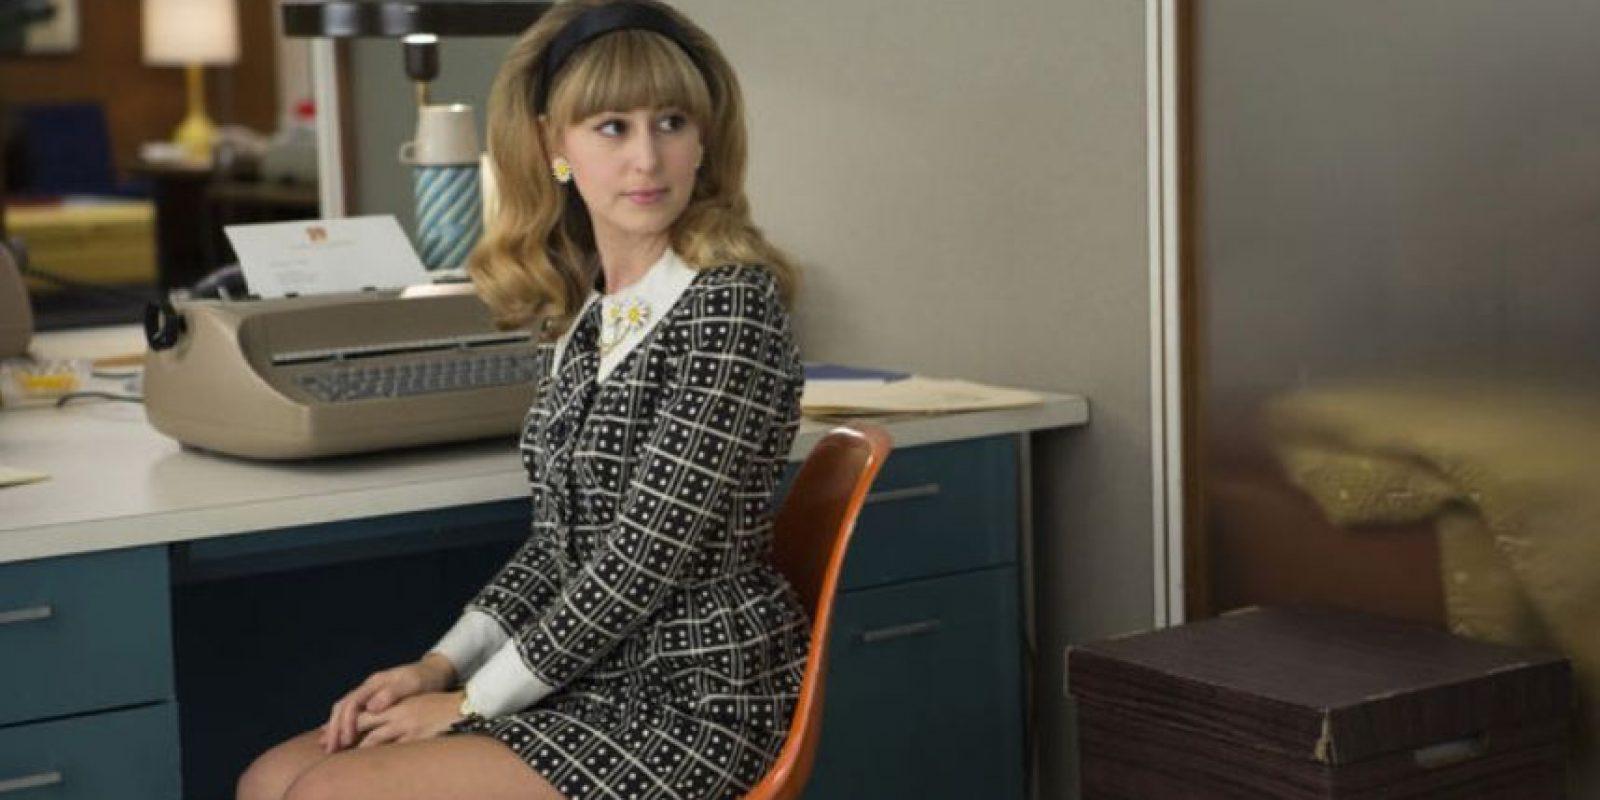 Las mujeres deben puntear de 1 a 5 estrellas su nivel de satisfacción laboral. Foto:AMC